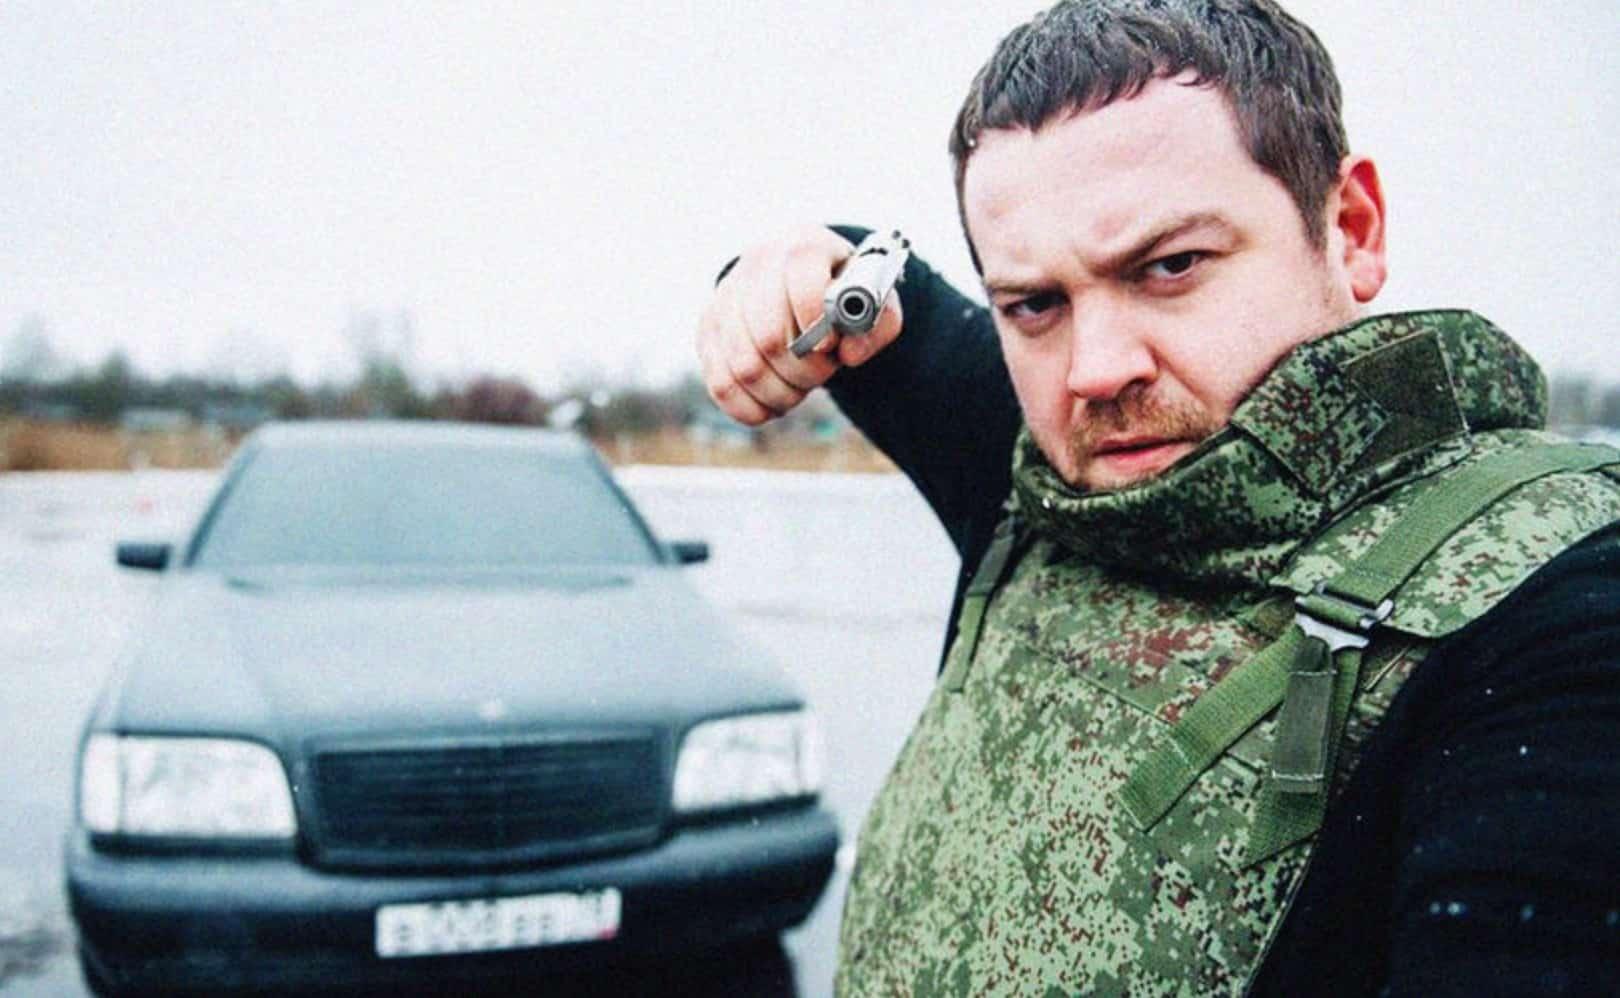 Эрик Давидыч присел 1251 раз в прямом эфире после репортажа Дюдя